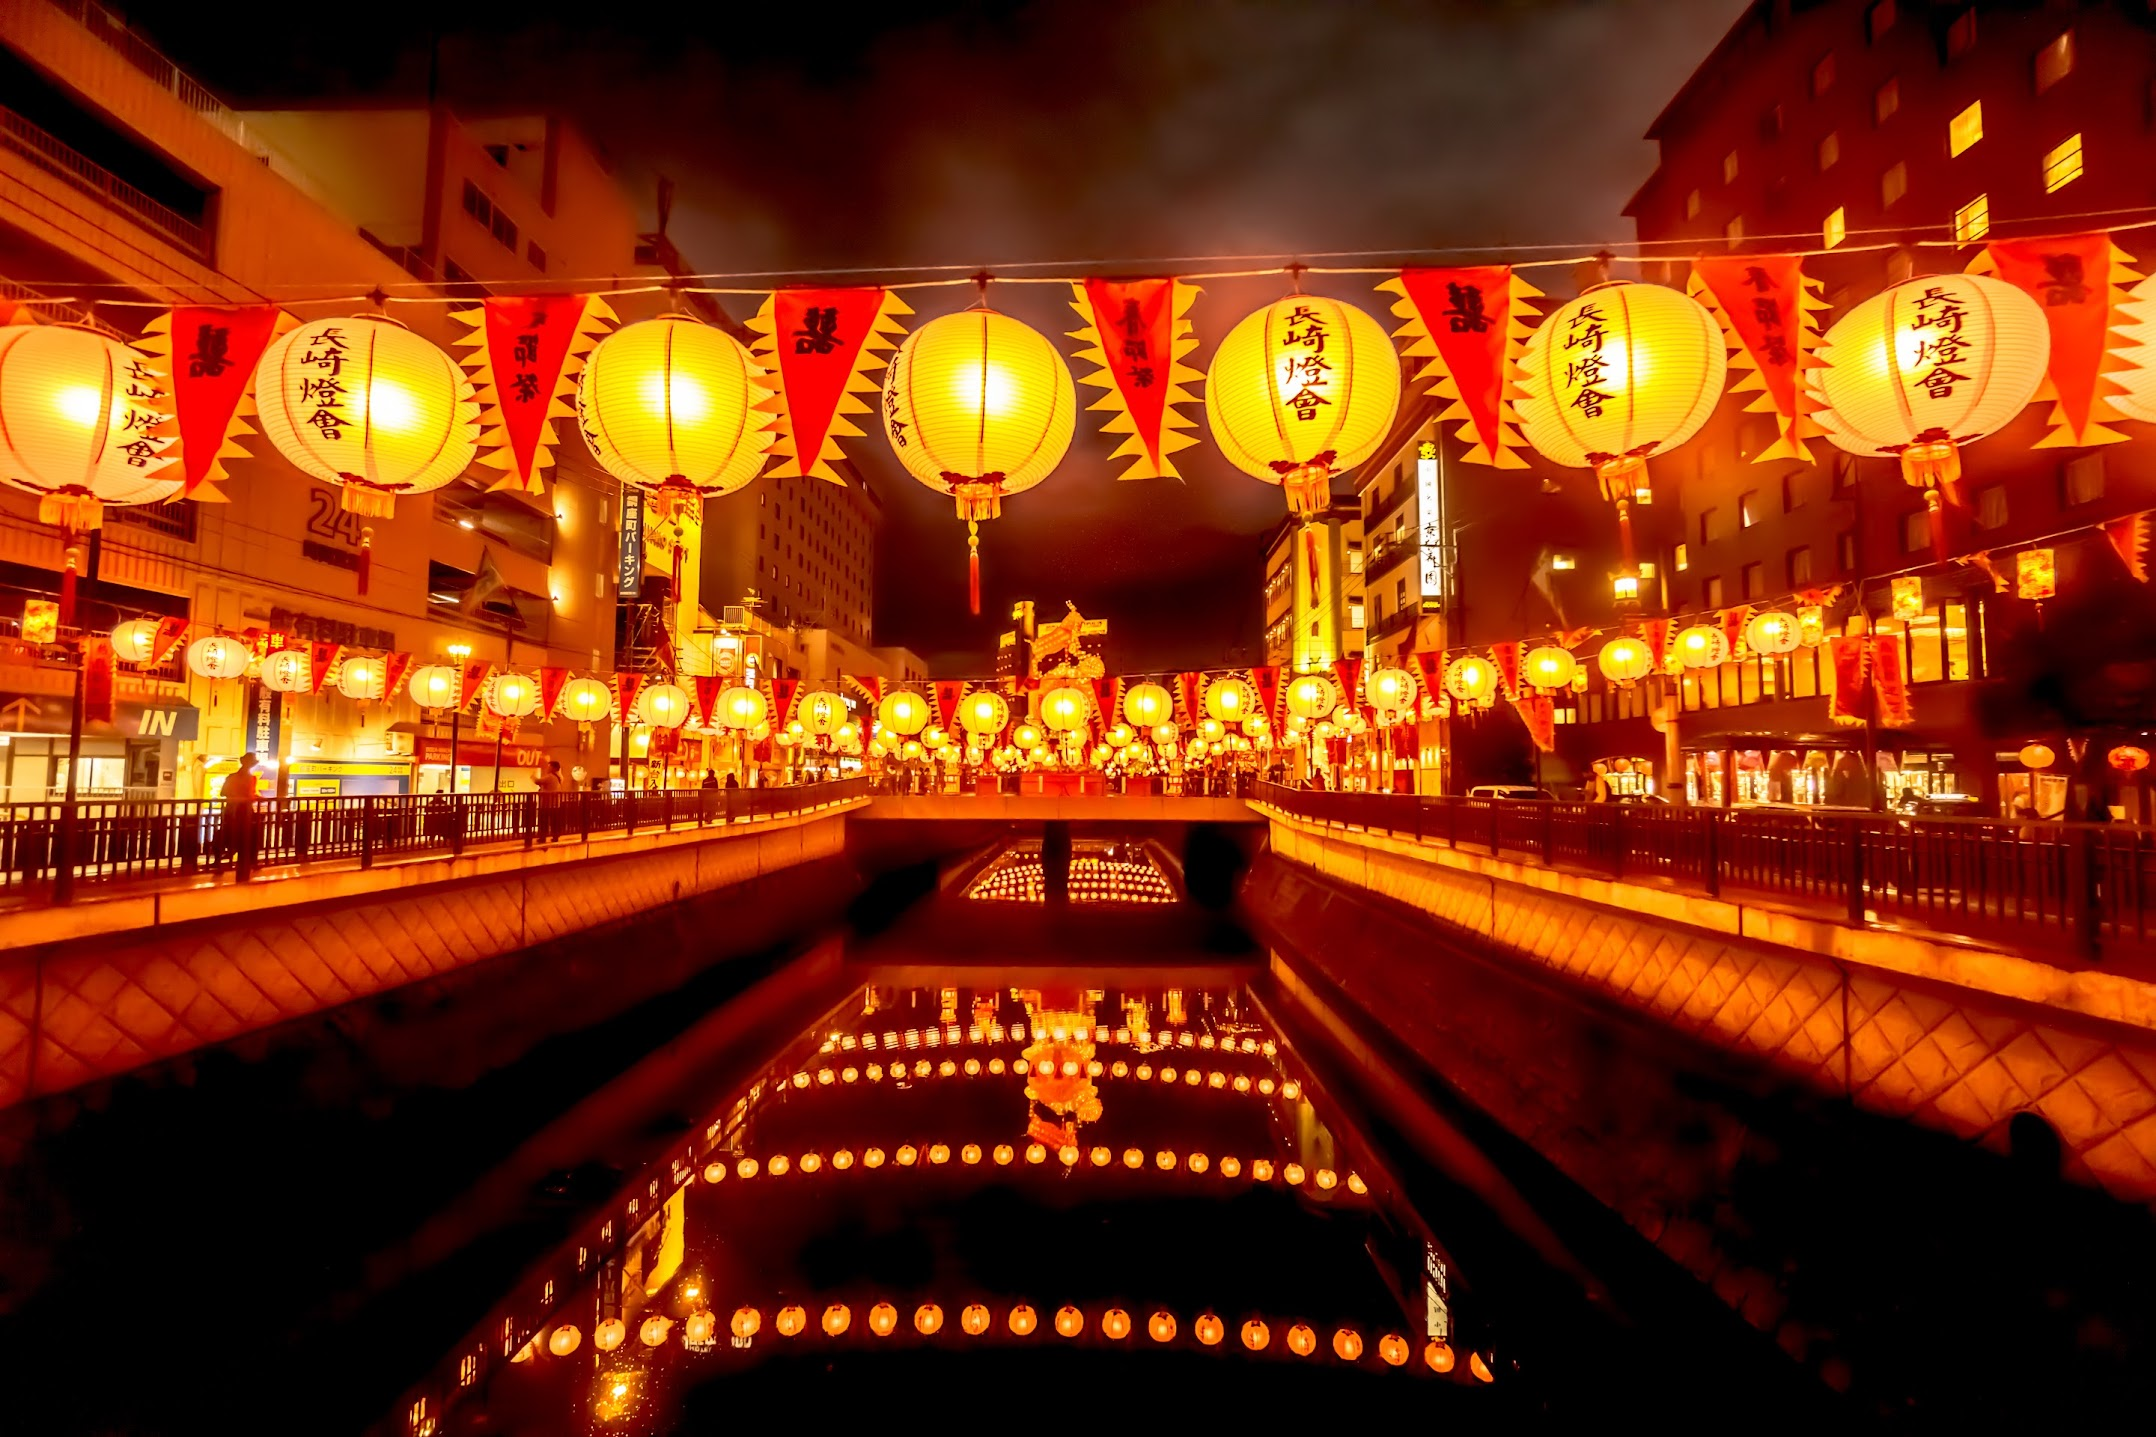 長崎ランタンフェスティバル 中華街1